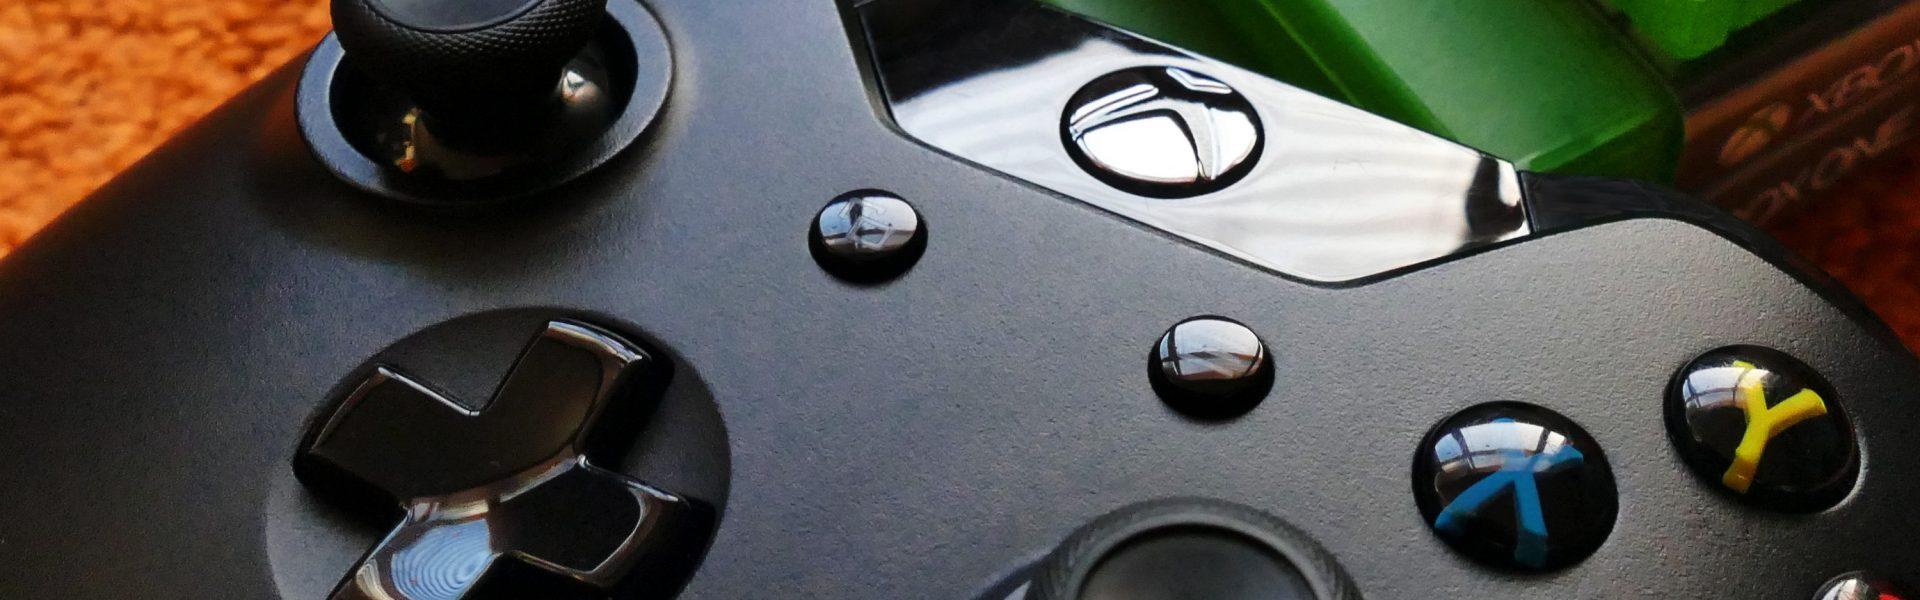 Jak skonfigurować Xbox One?